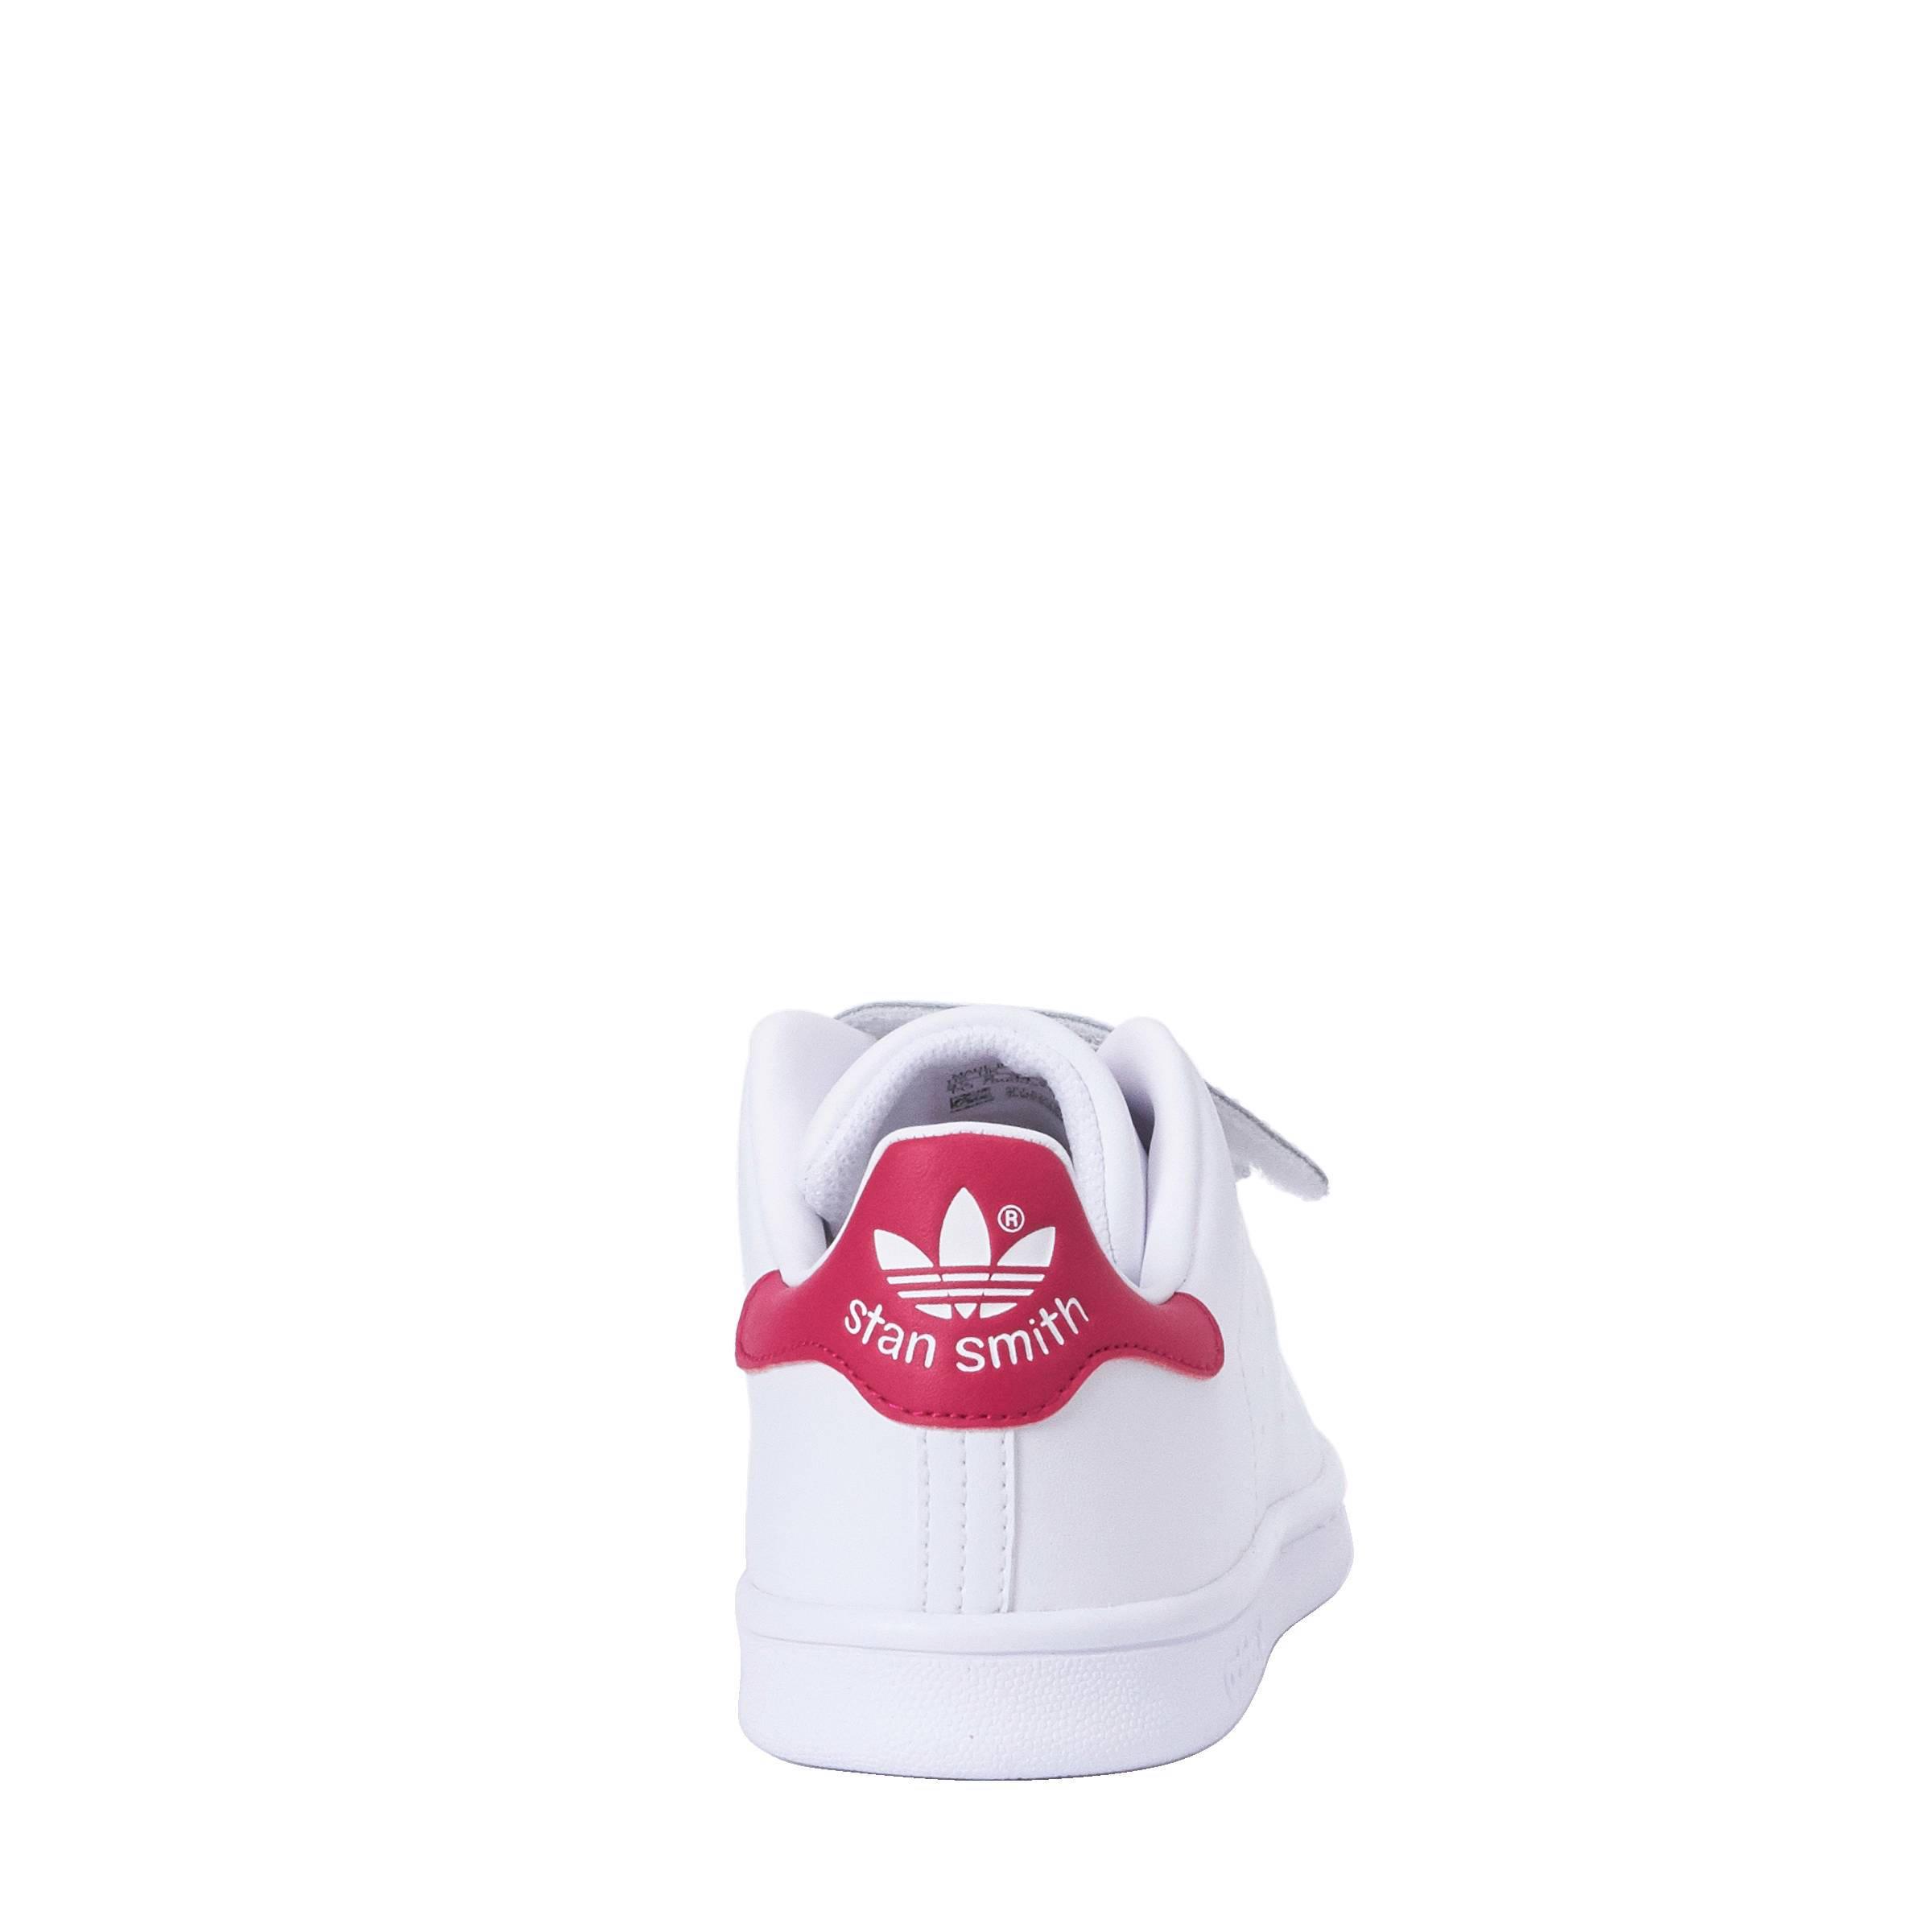 Wehkamp Adidas Originals Cf Sneakers Stan Smith C w7zwYqx